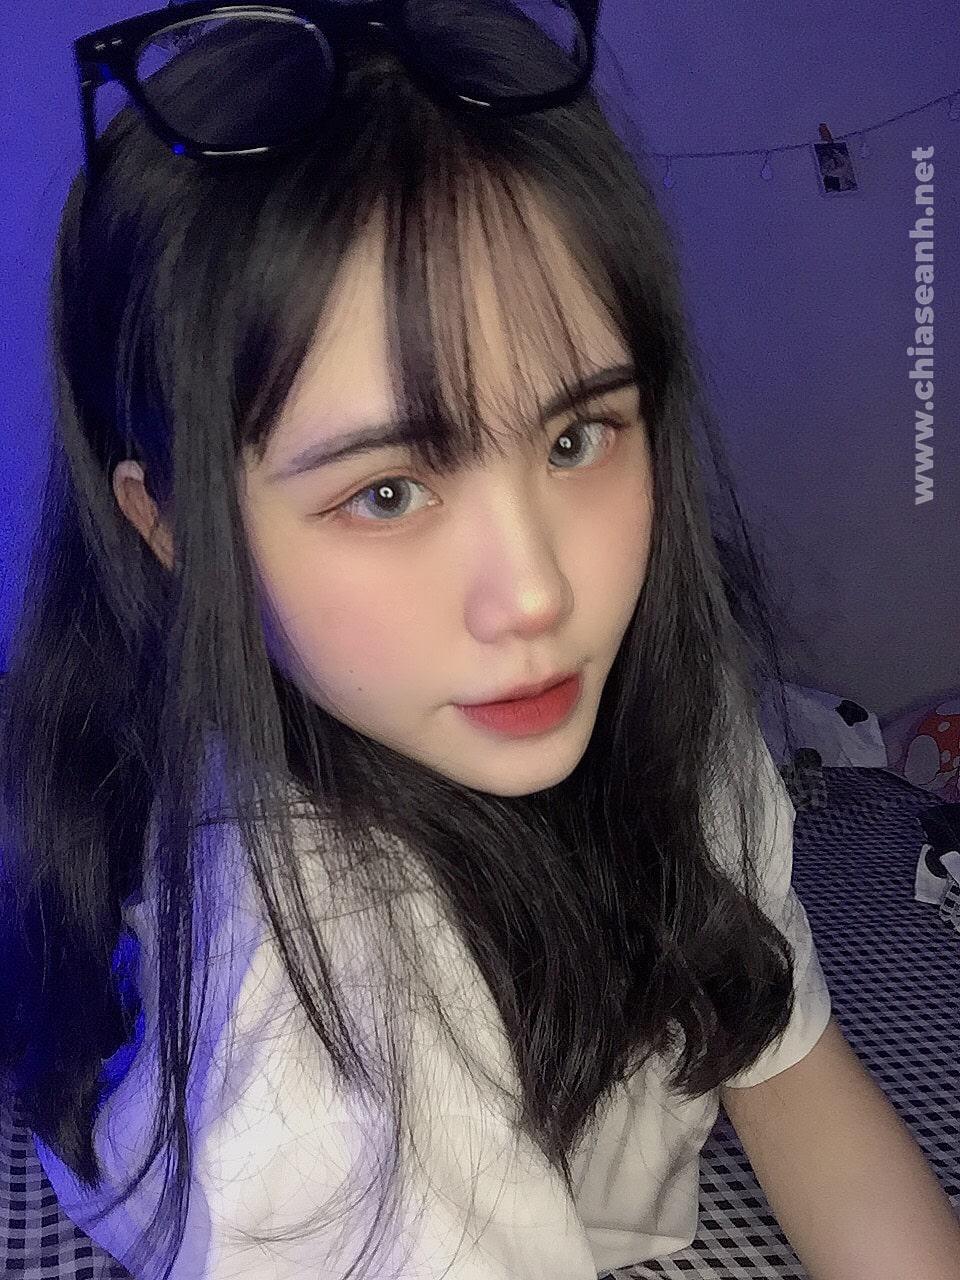 Tan chảy trước sự xinh đẹp, dễ thương của Hot girl 16 tuổi Nha Trang